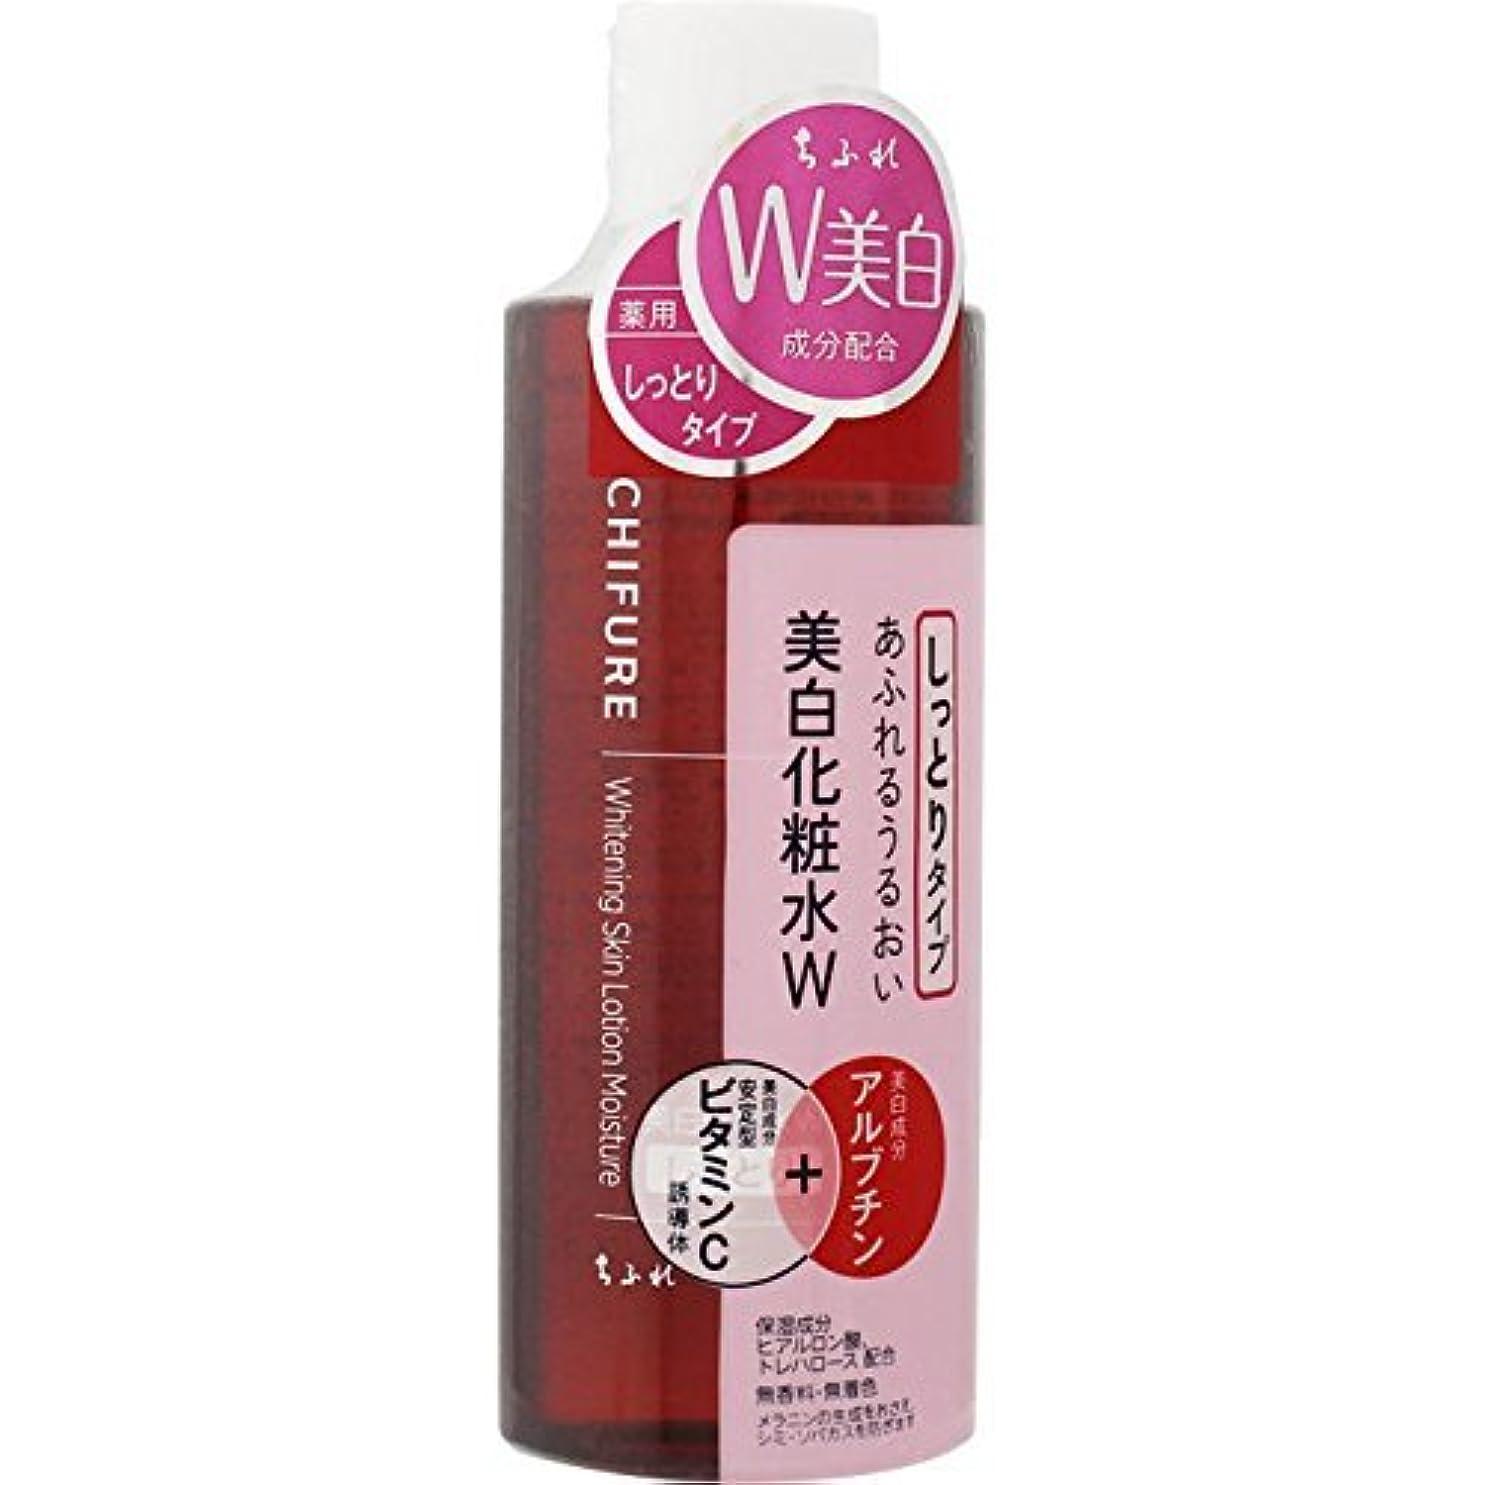 ベーカリーコードスクラップちふれ化粧品 美白化粧水W しっとりタイプ 180ml